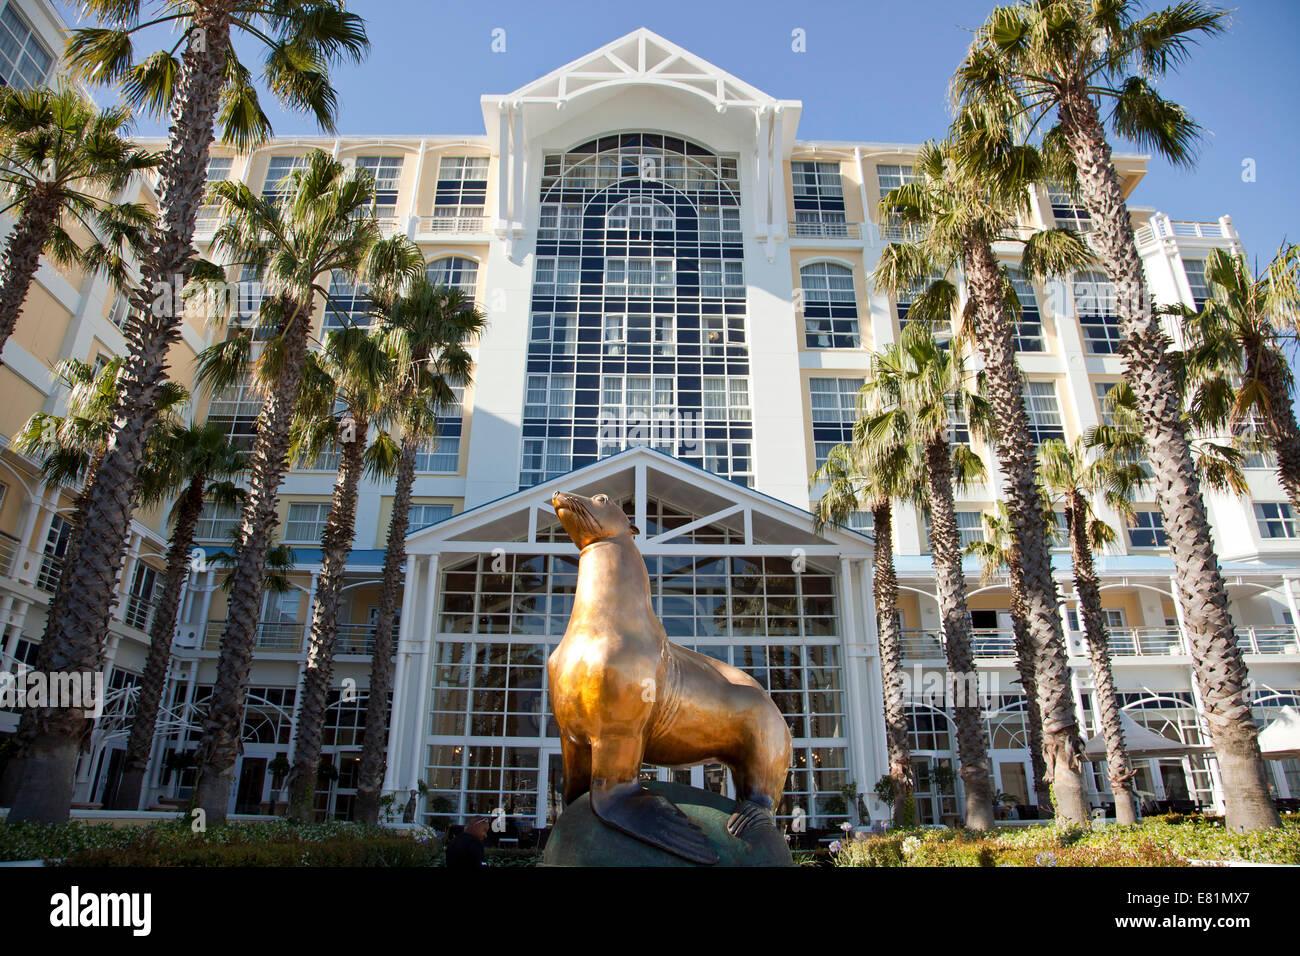 Statue von Oscar das Siegel vor das Table Bay Hotel, Victoria und Alfred Waterfront, Cape Town, Western Cape, Südafrika Stockbild